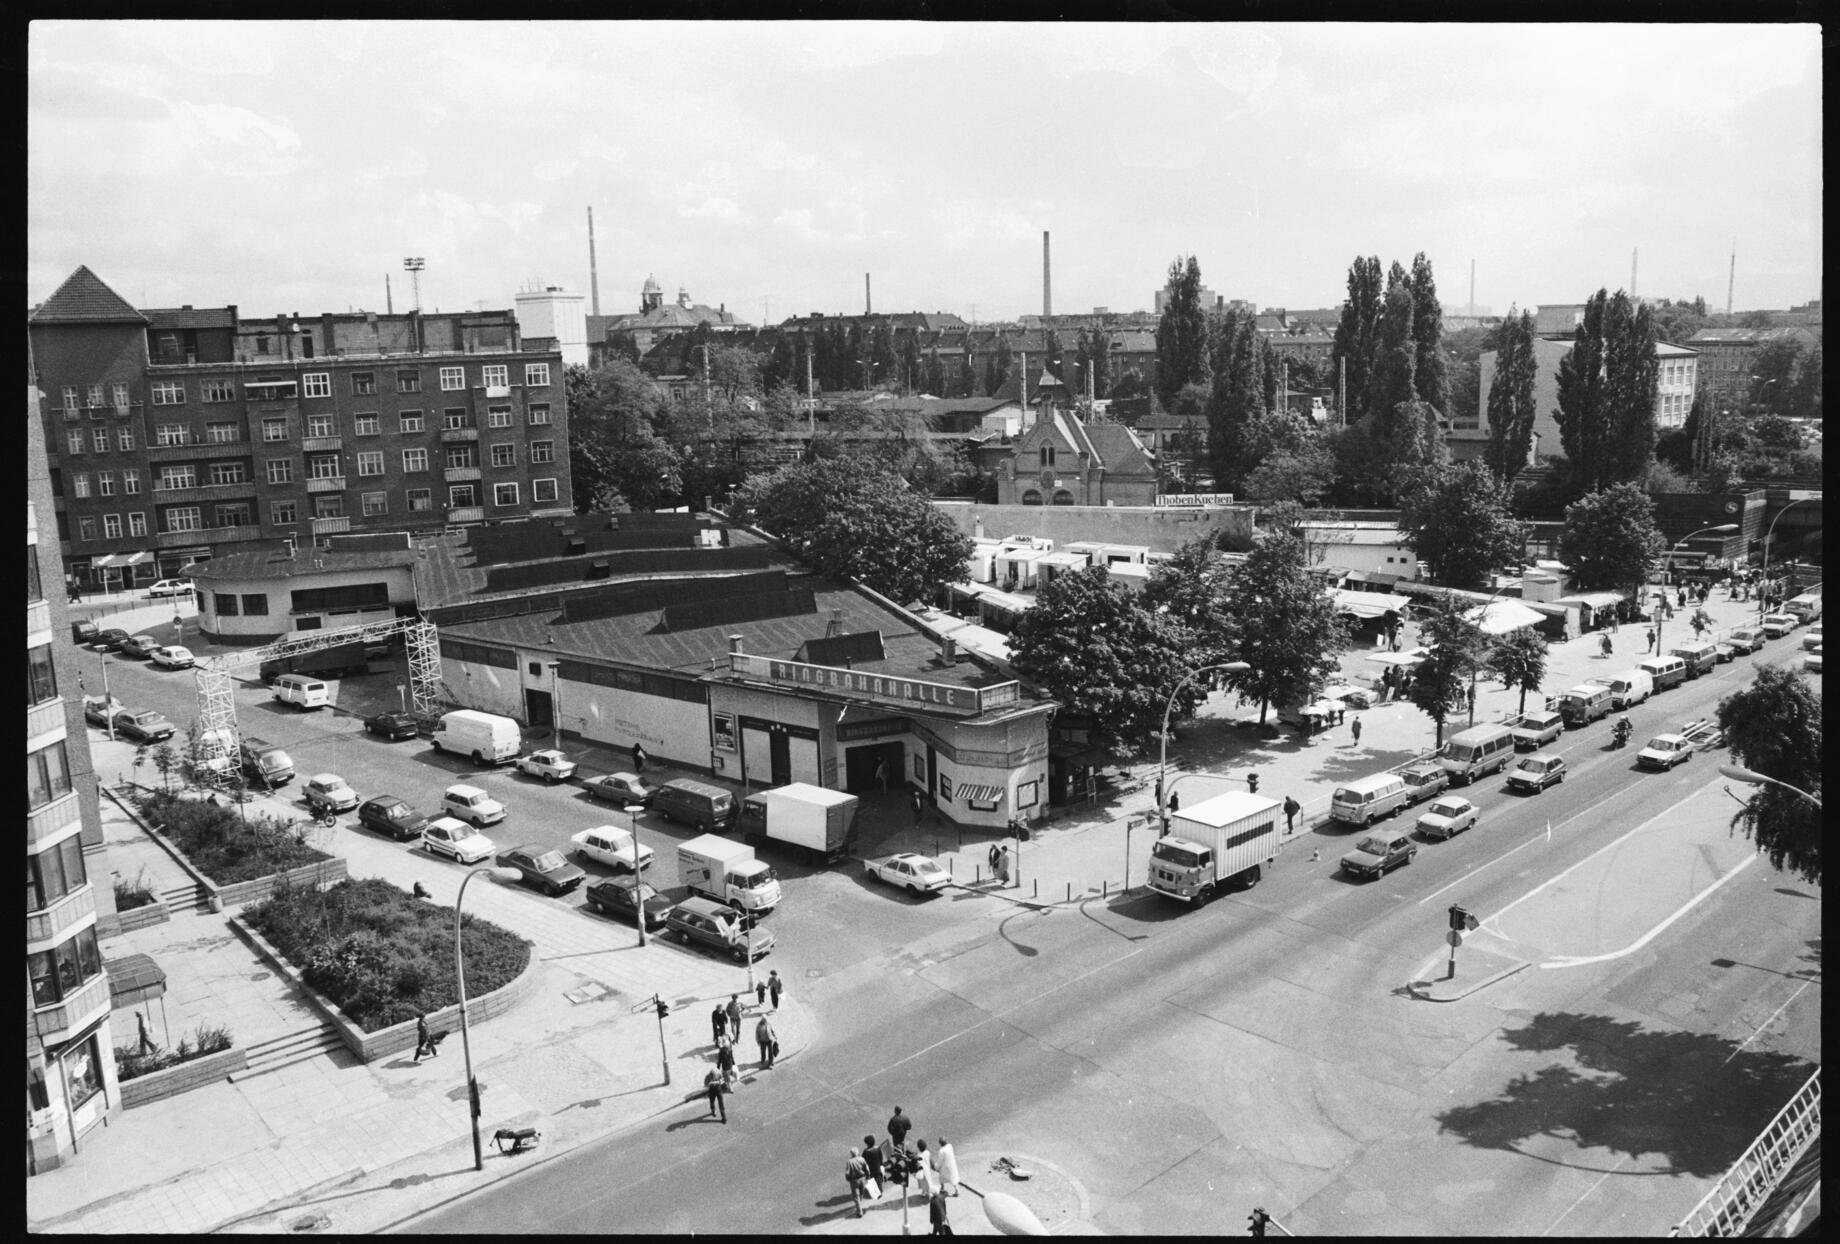 Die Ringbahnhalle An Der Frankfurter Allee Ecke Pettenkoferstrasse Foto Gerd Danigel Ddr Fotograf De Berlin Geschichte Bahnhof Berlin